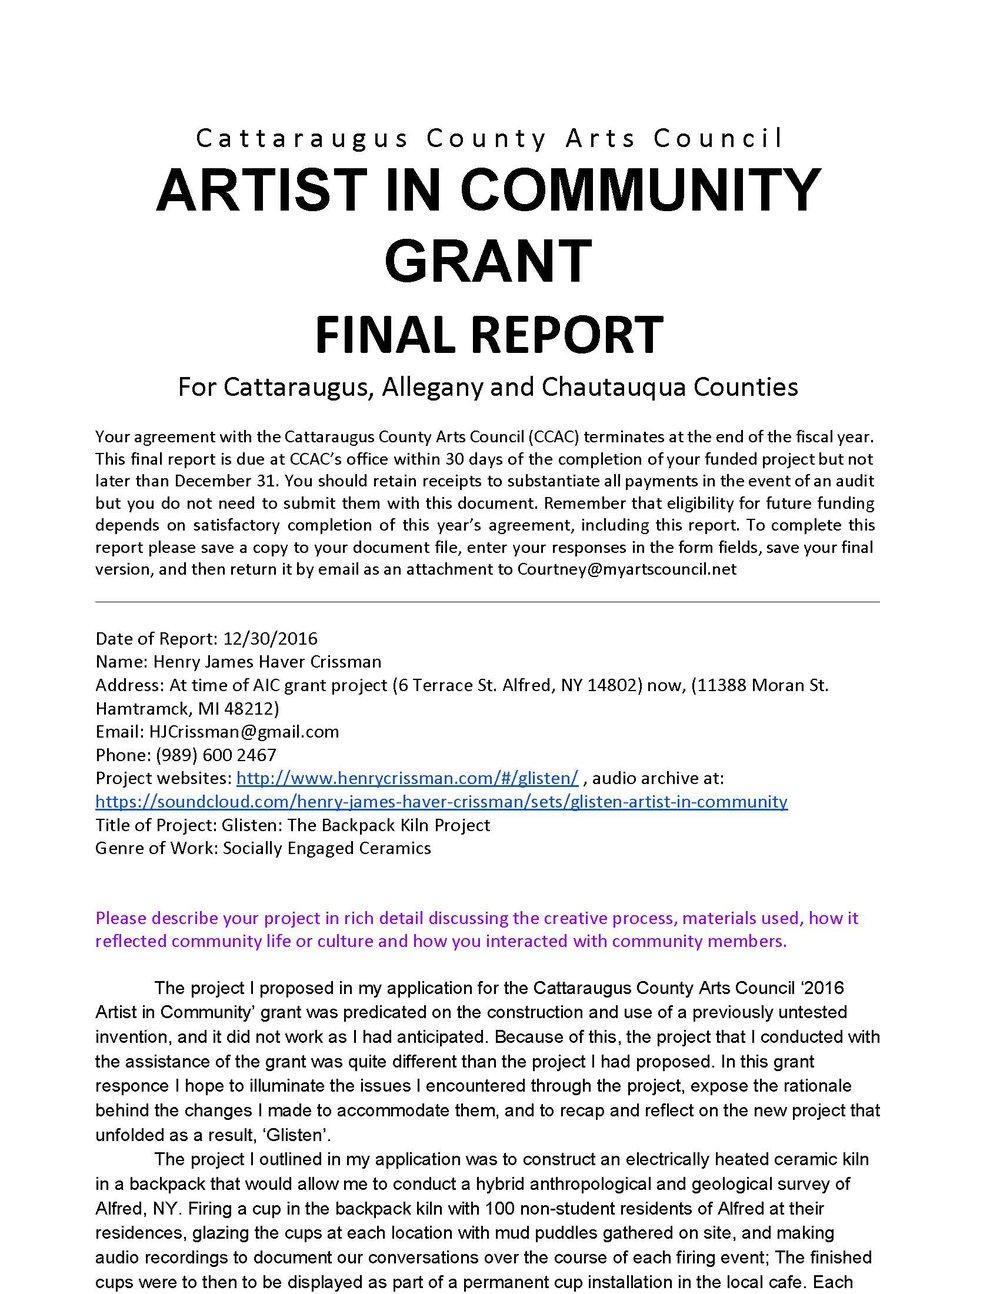 HJHC-AICFinalReport (1)_Page_1.jpg